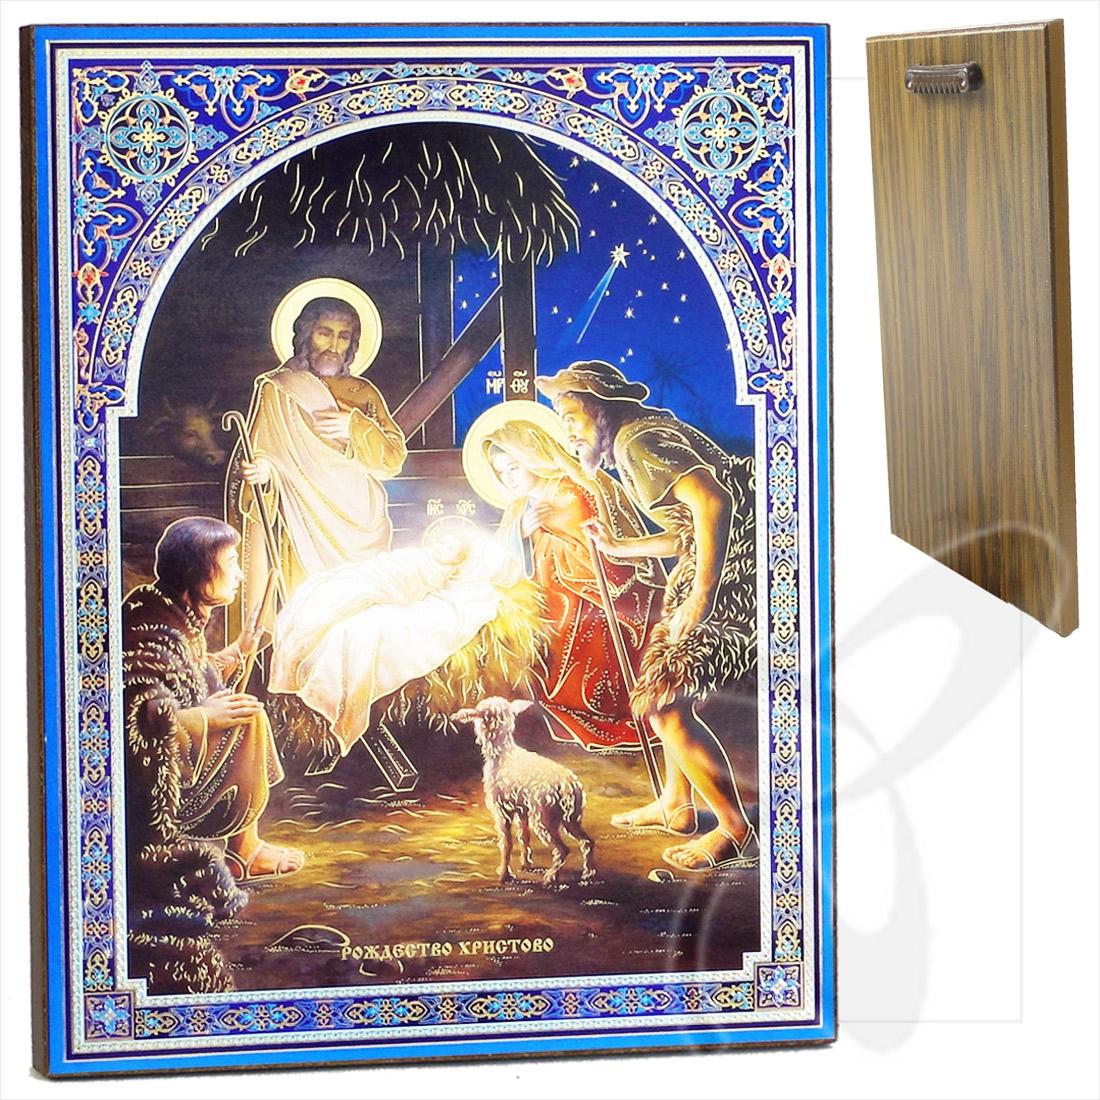 ikone geburt jesu christi weihnachten holz 30x40 ic ne. Black Bedroom Furniture Sets. Home Design Ideas